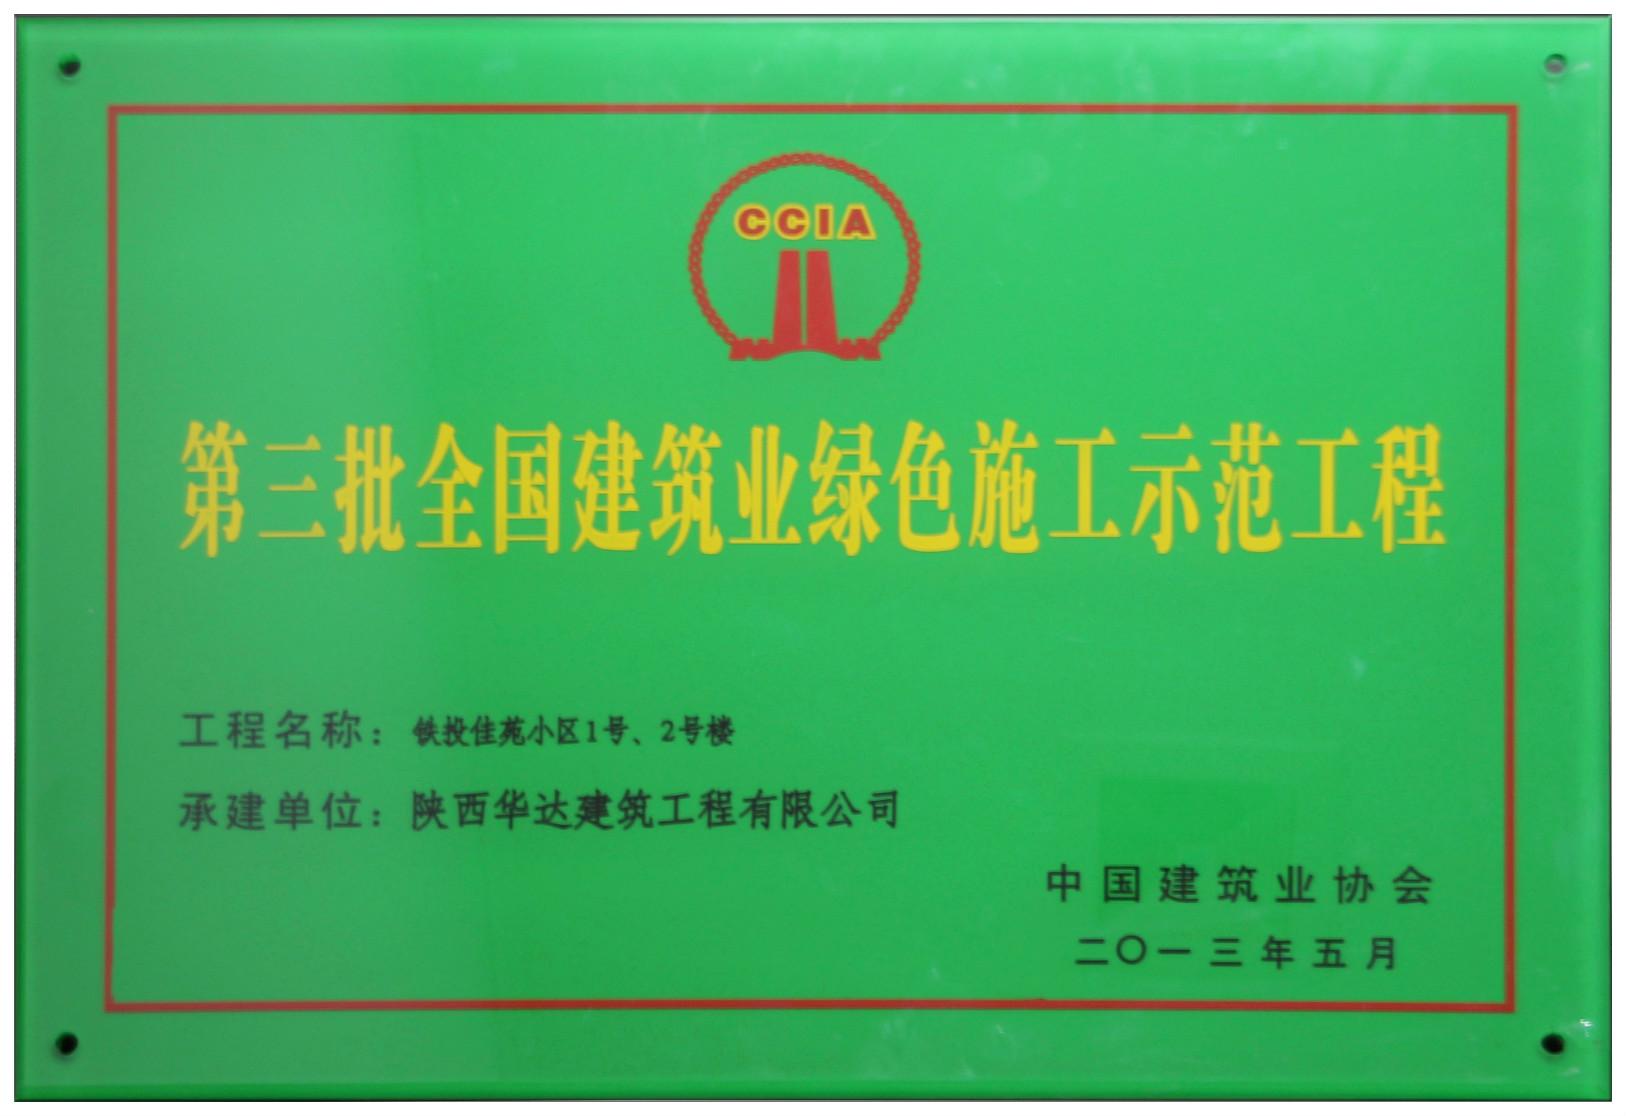 第三批全国建筑业绿色施工示范万博max电脑网页版登录入口